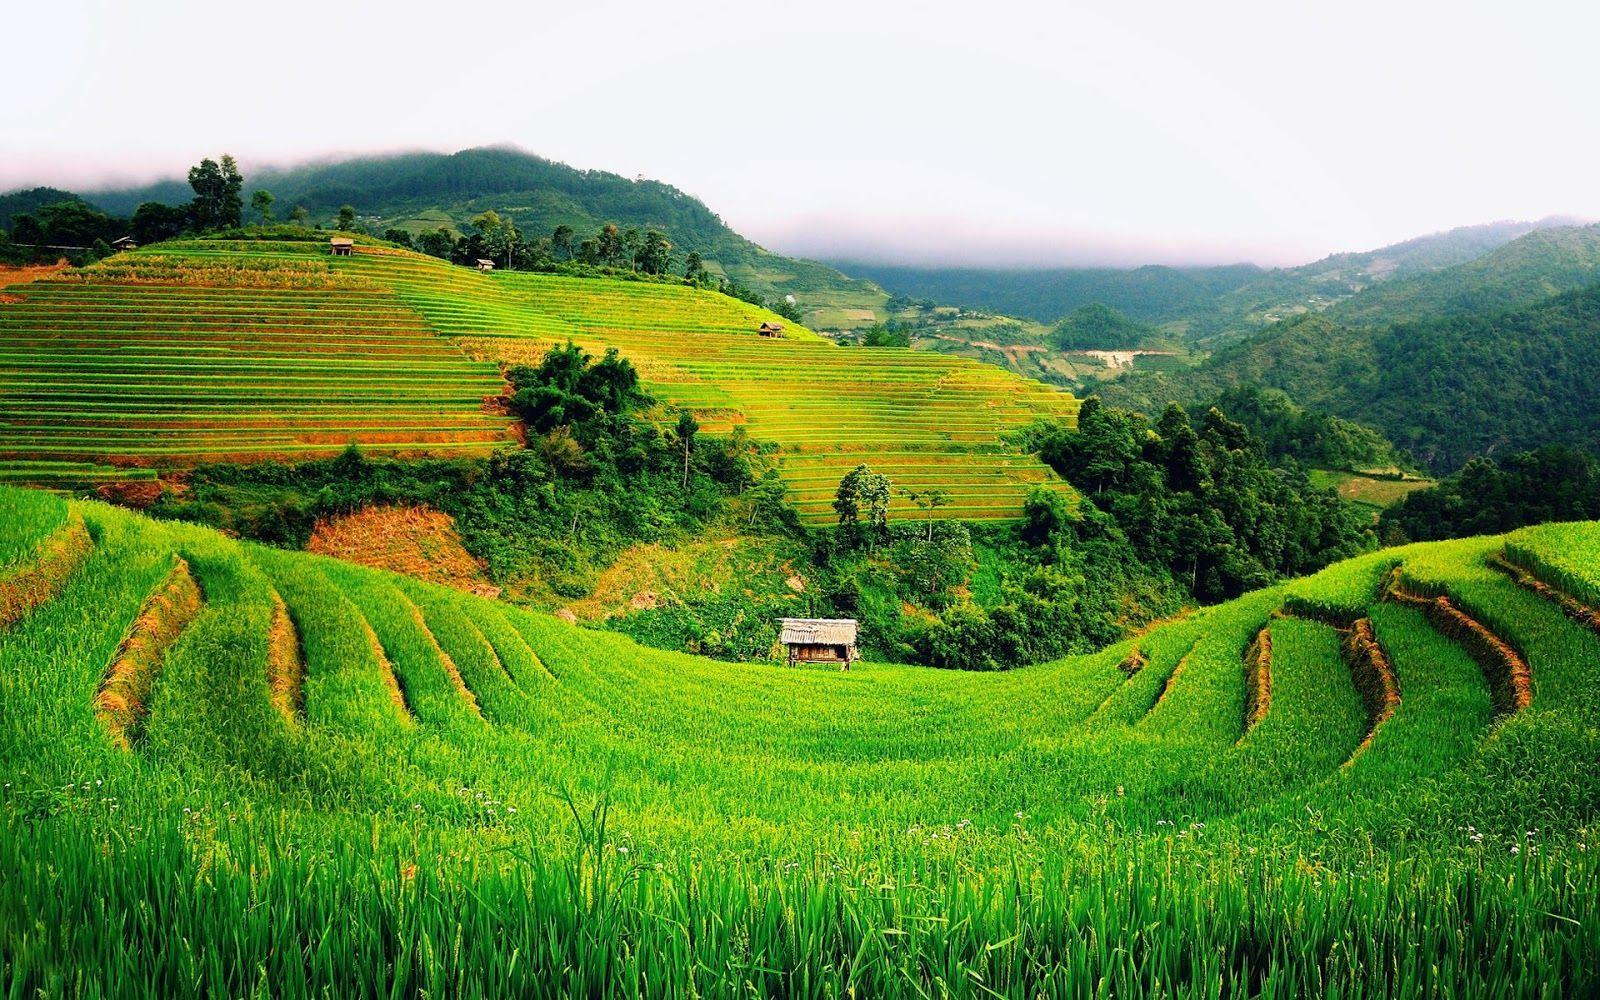 740 Gambar Pemandangan Sawah Full Hd Terbaik Beautiful Vietnam Scenery Landscape